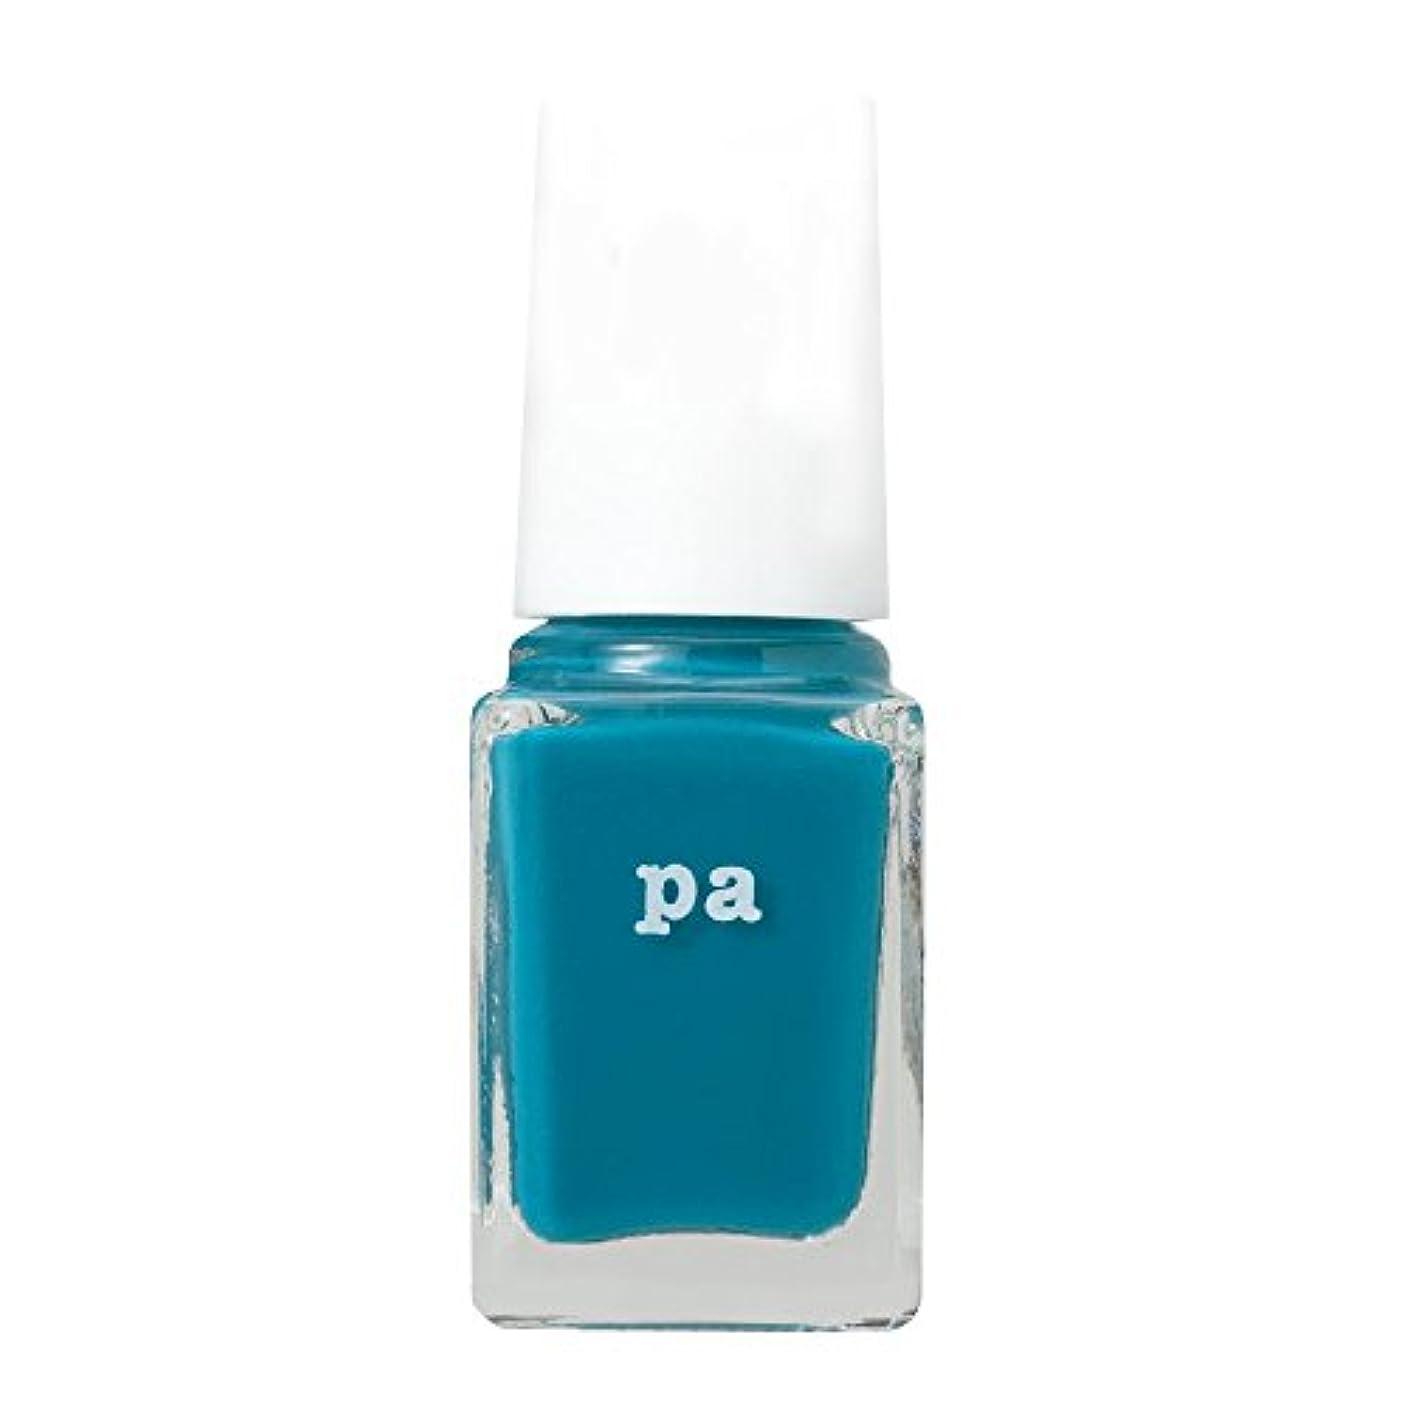 環境保護主義者独特の汚れるpa ネイルカラー プレミア AA183 (6mL)